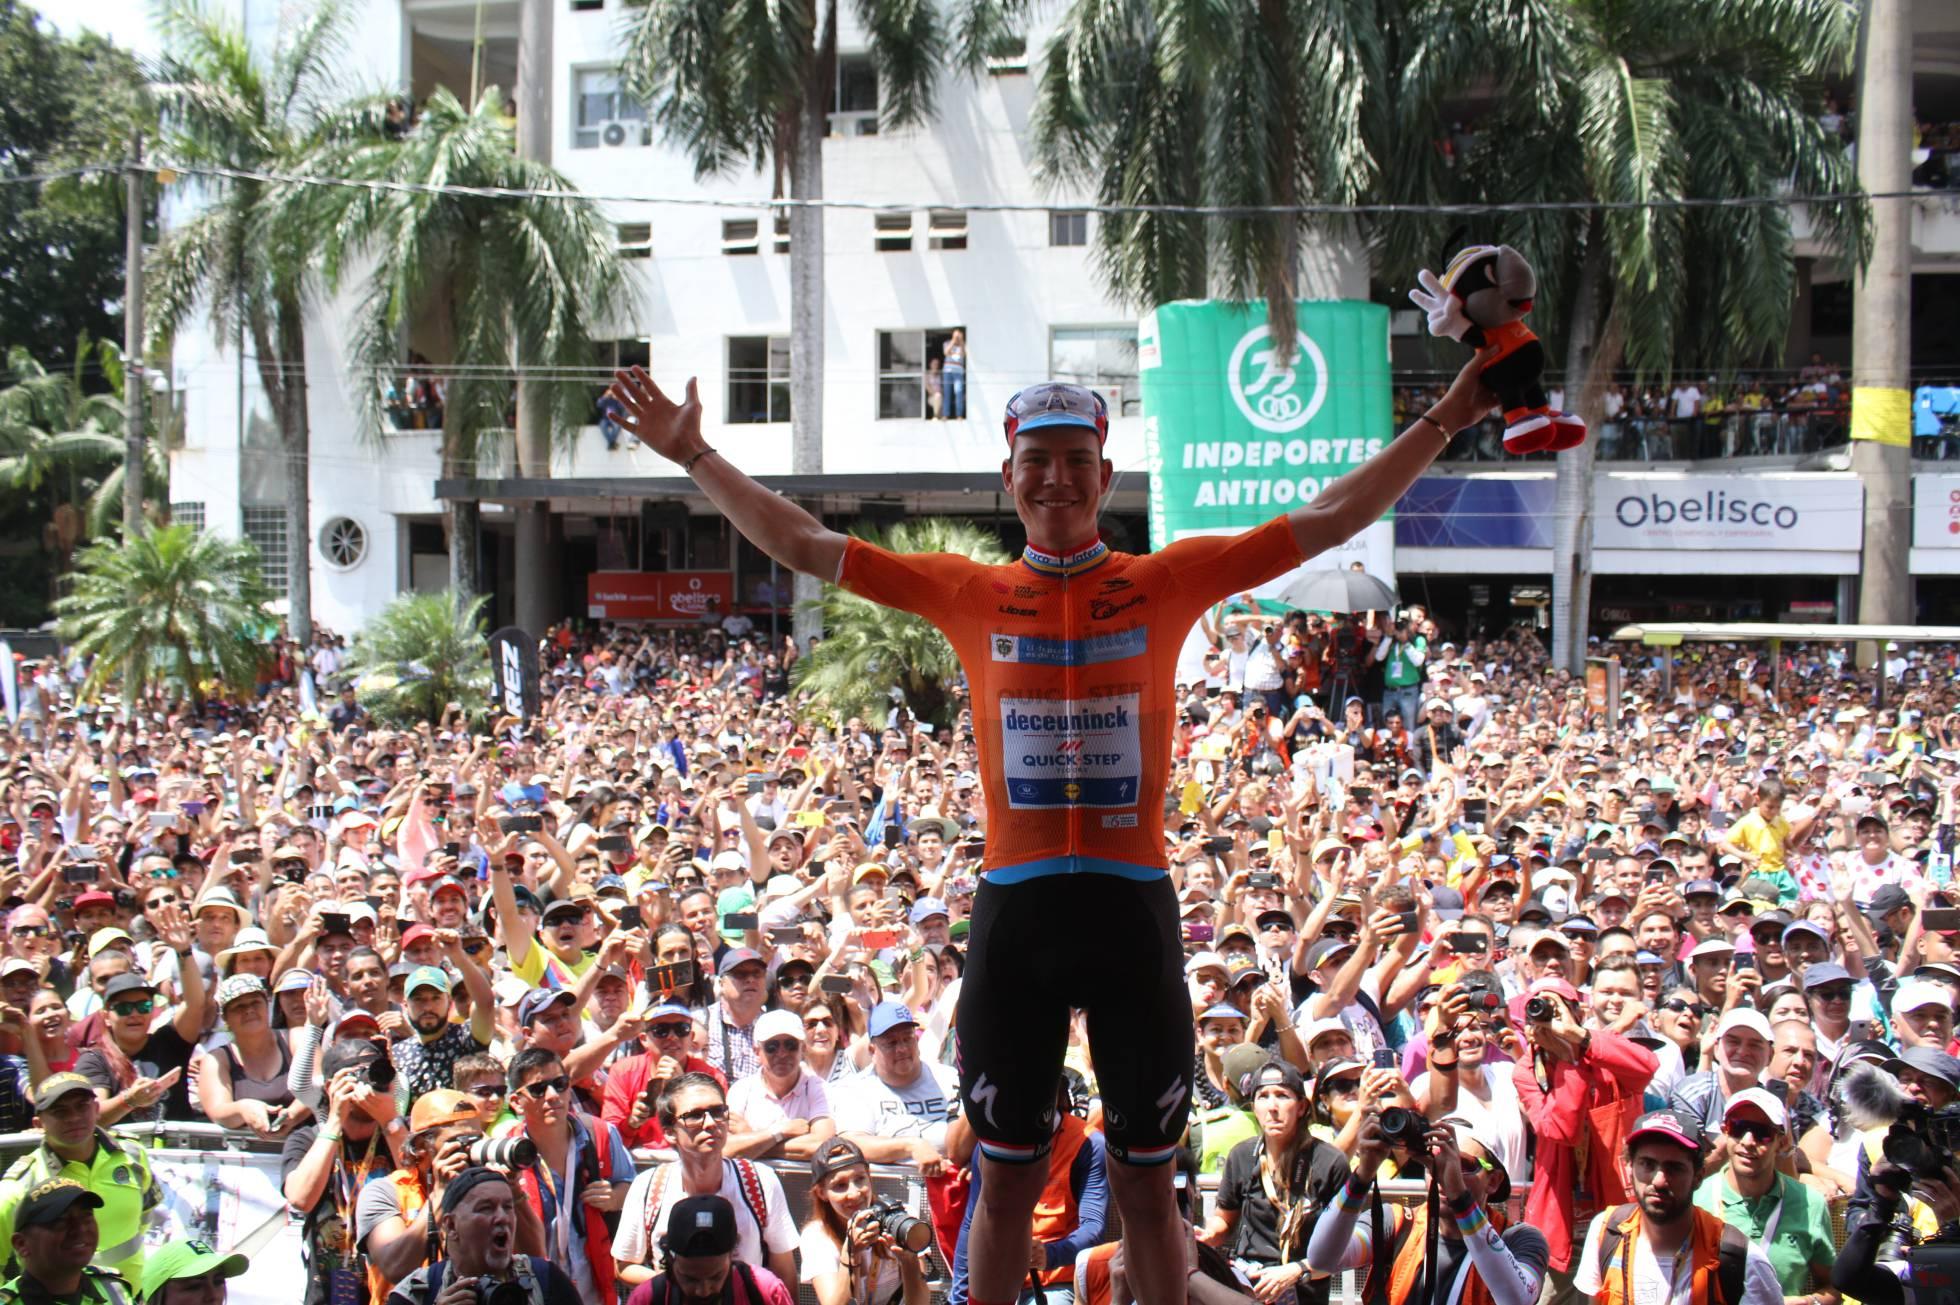 En Medellín, el ciclismo europeo se cruza con la Colombia verdadera